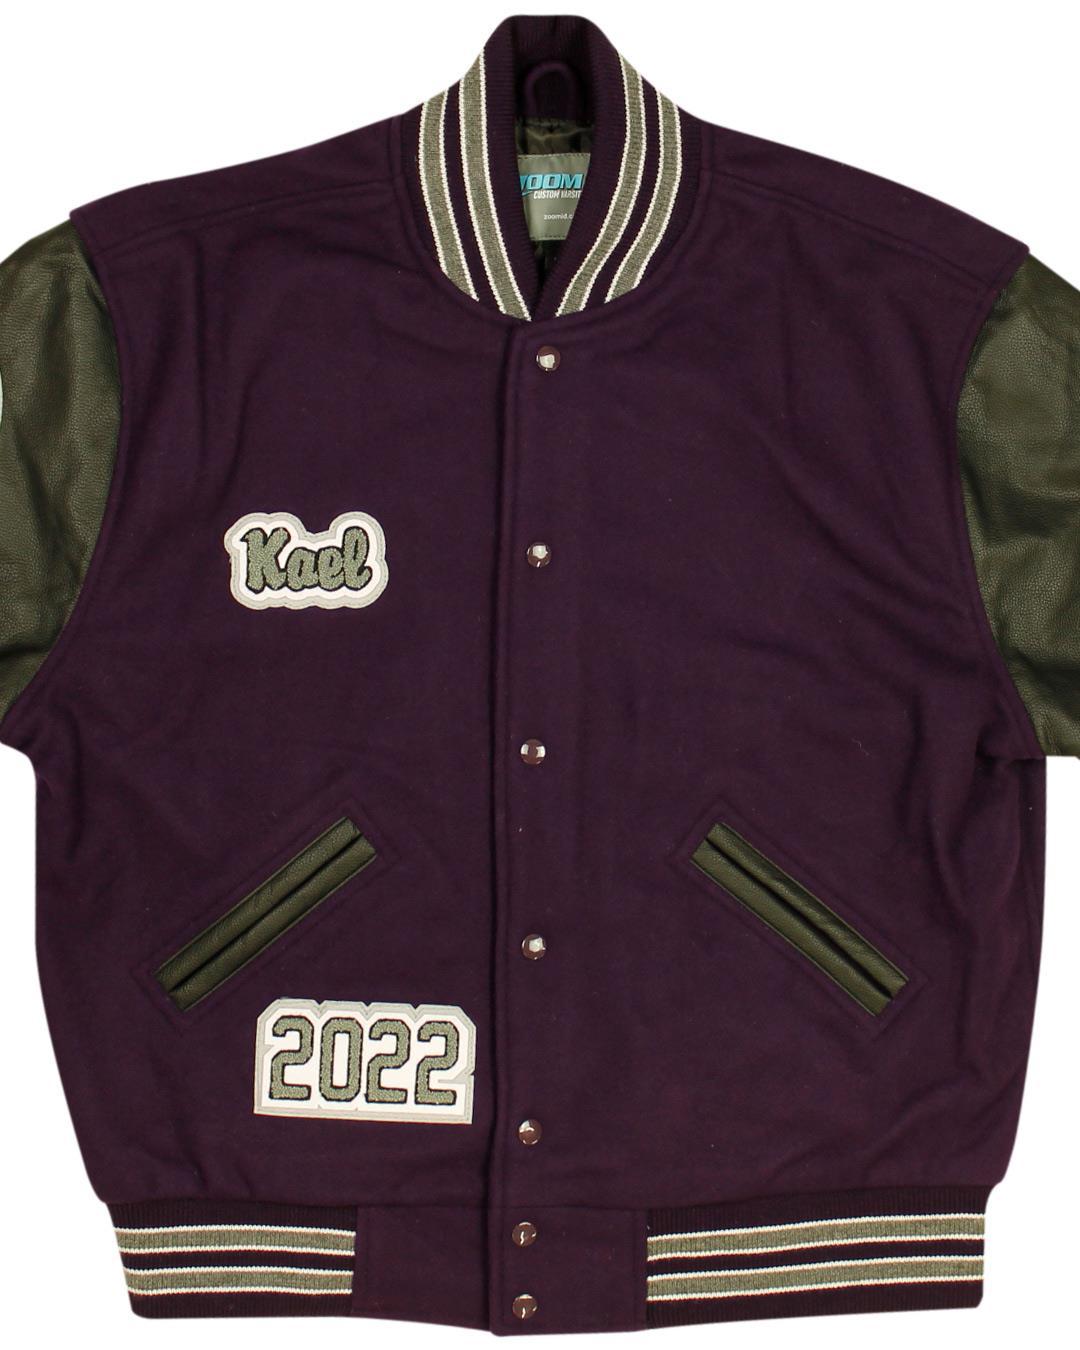 Spring Creek High School Letterman Jacket, Spring Creek NV - Front